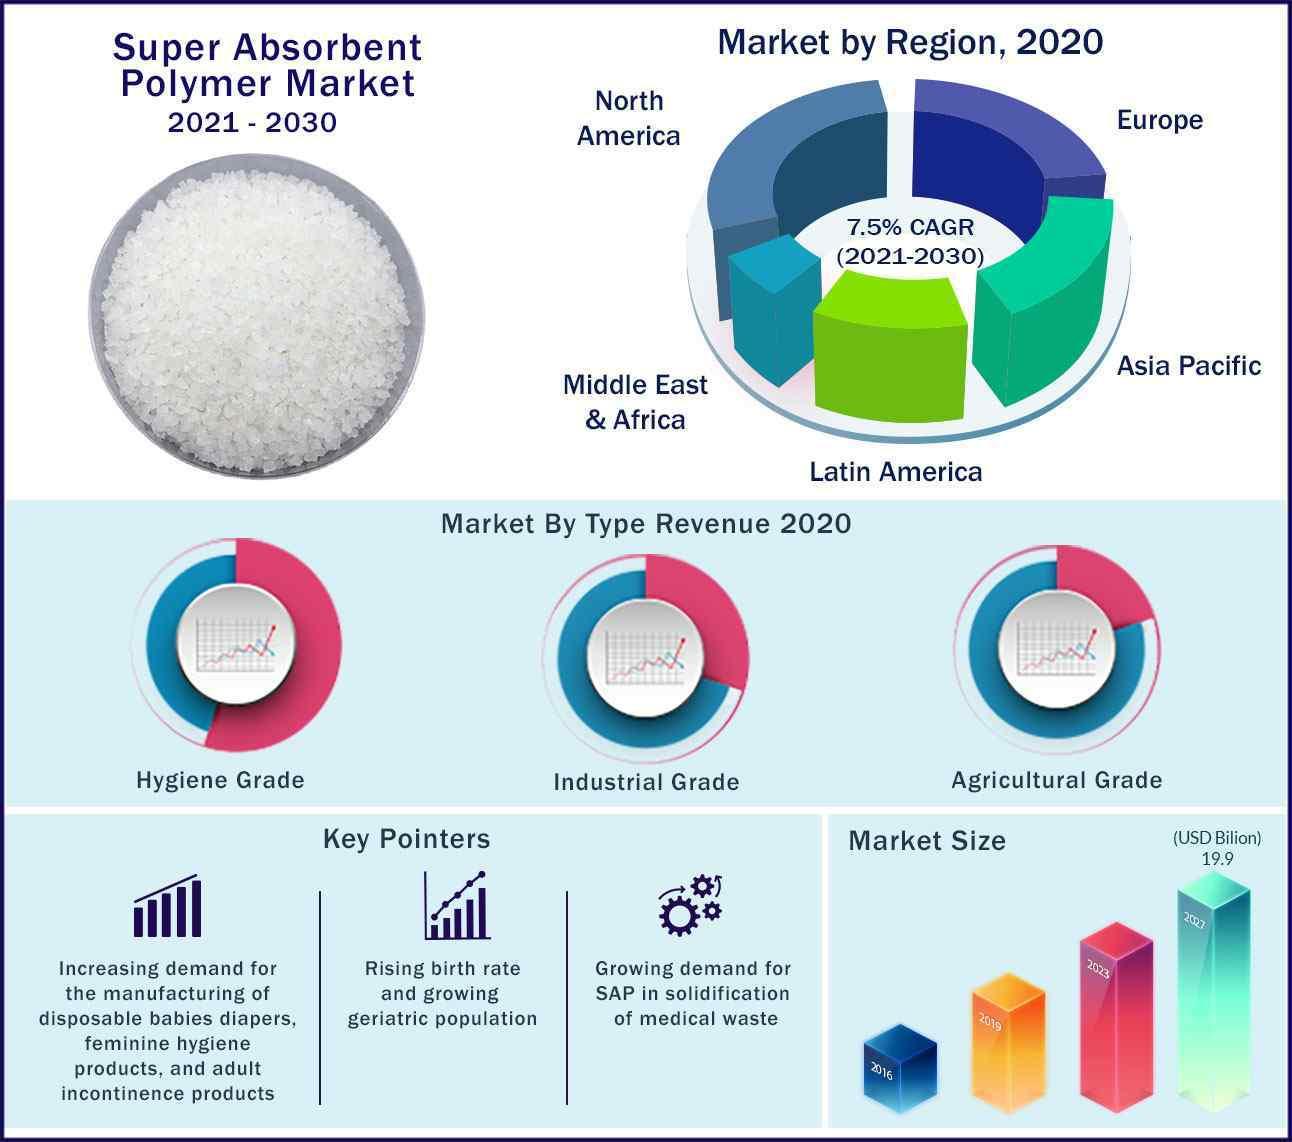 Global Super Absorbent Polymer Market 2021 to 2030